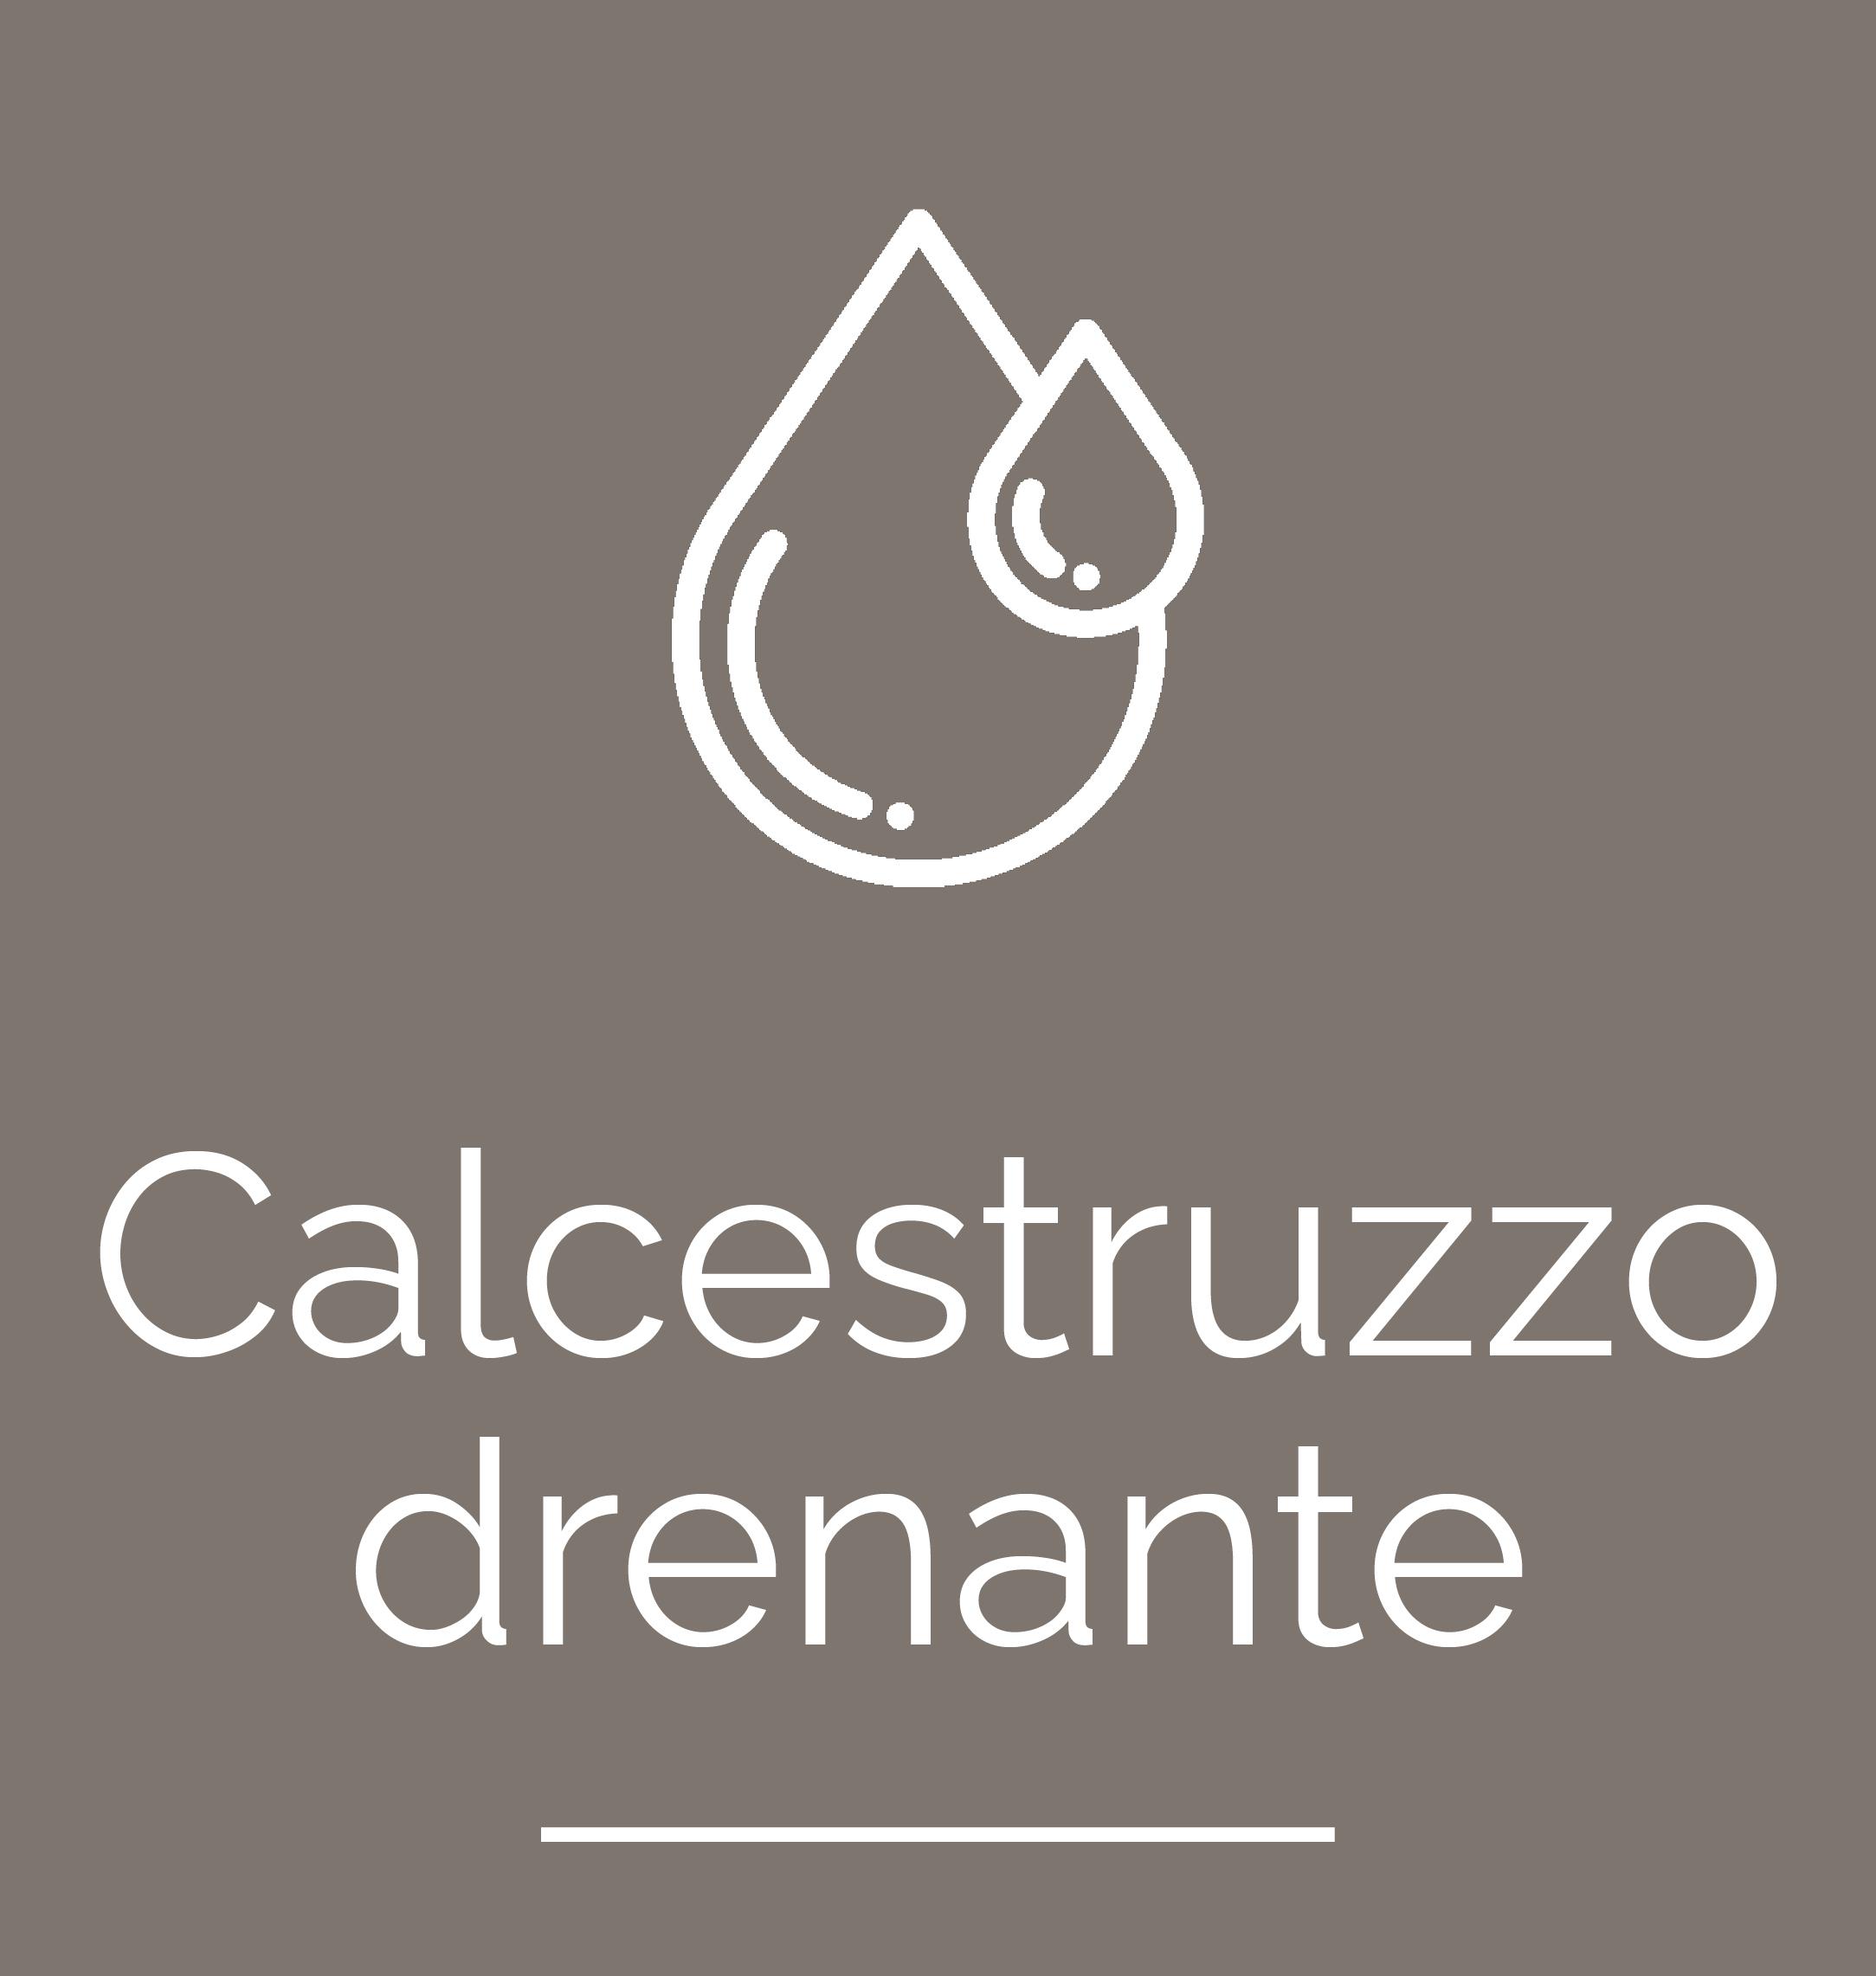 Calcestruzzo drenante_1_col